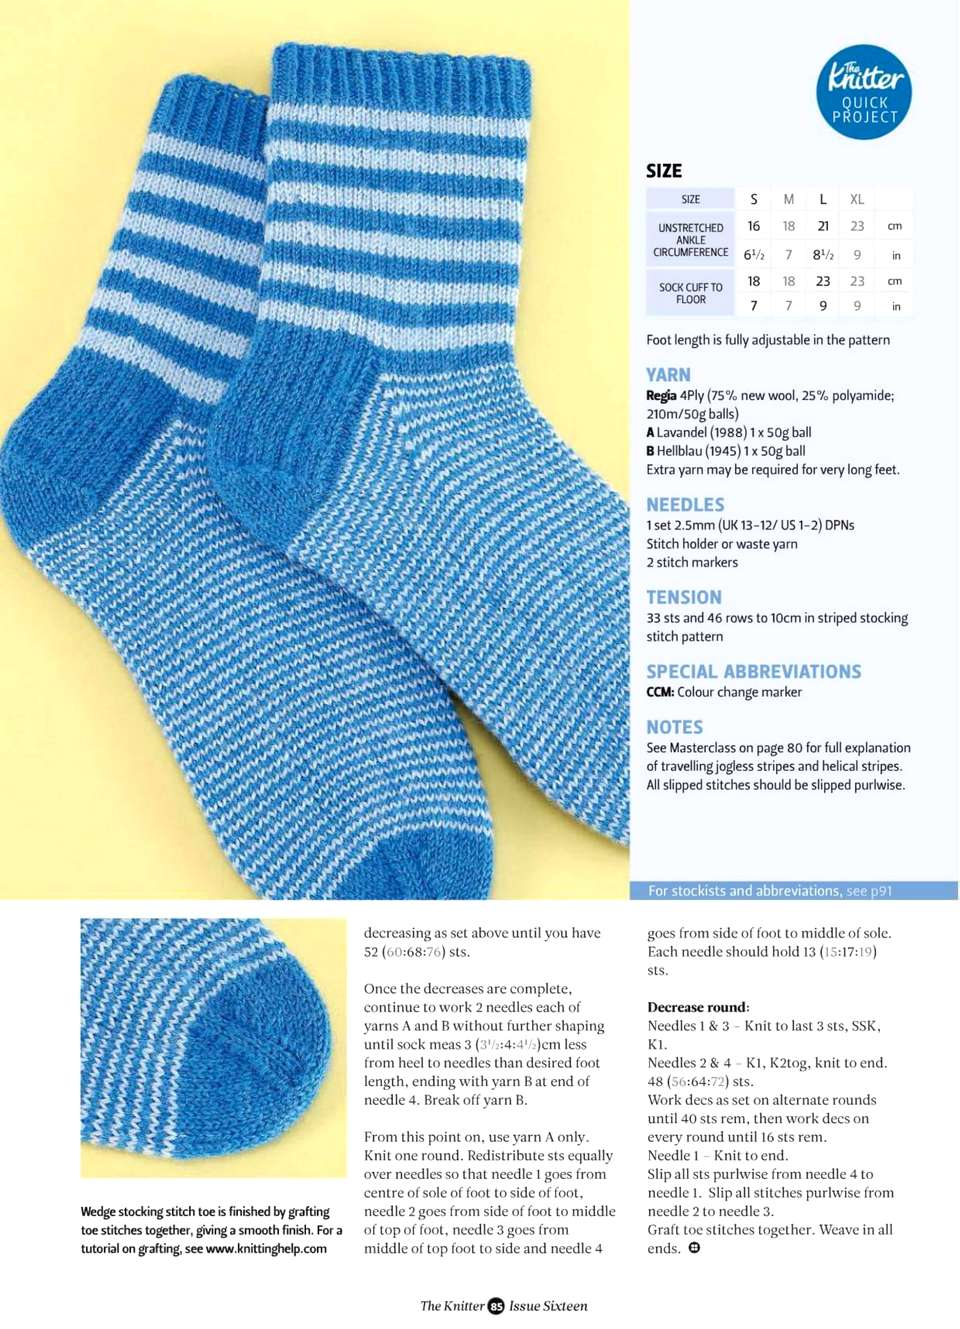 The-Knitter-n16-2010-ng